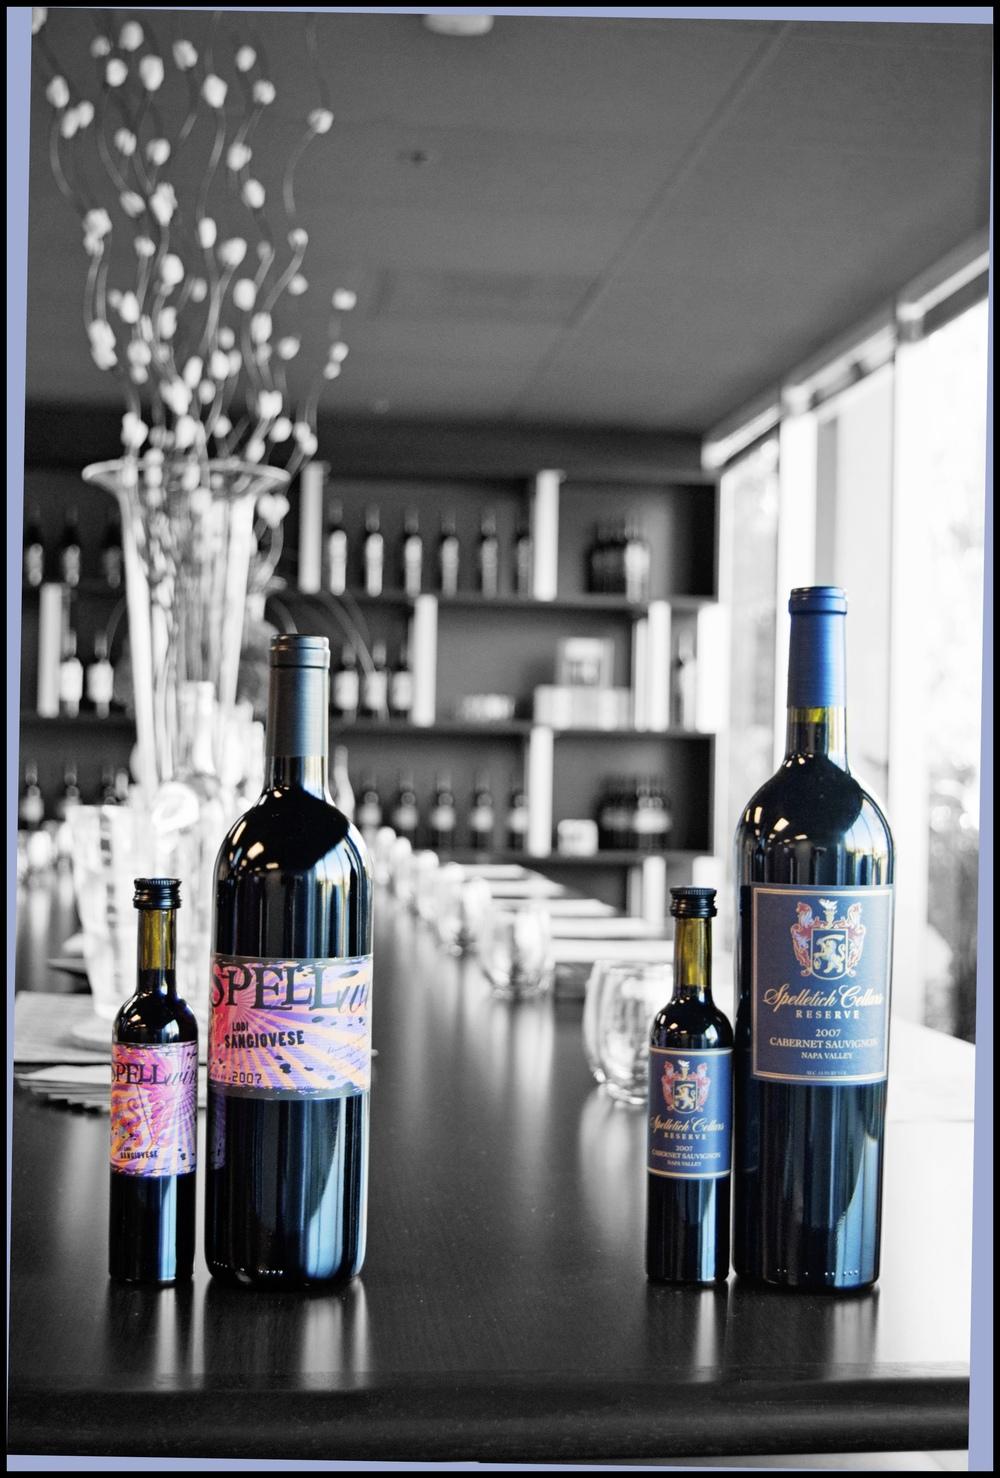 Spelletich Wine Bottles